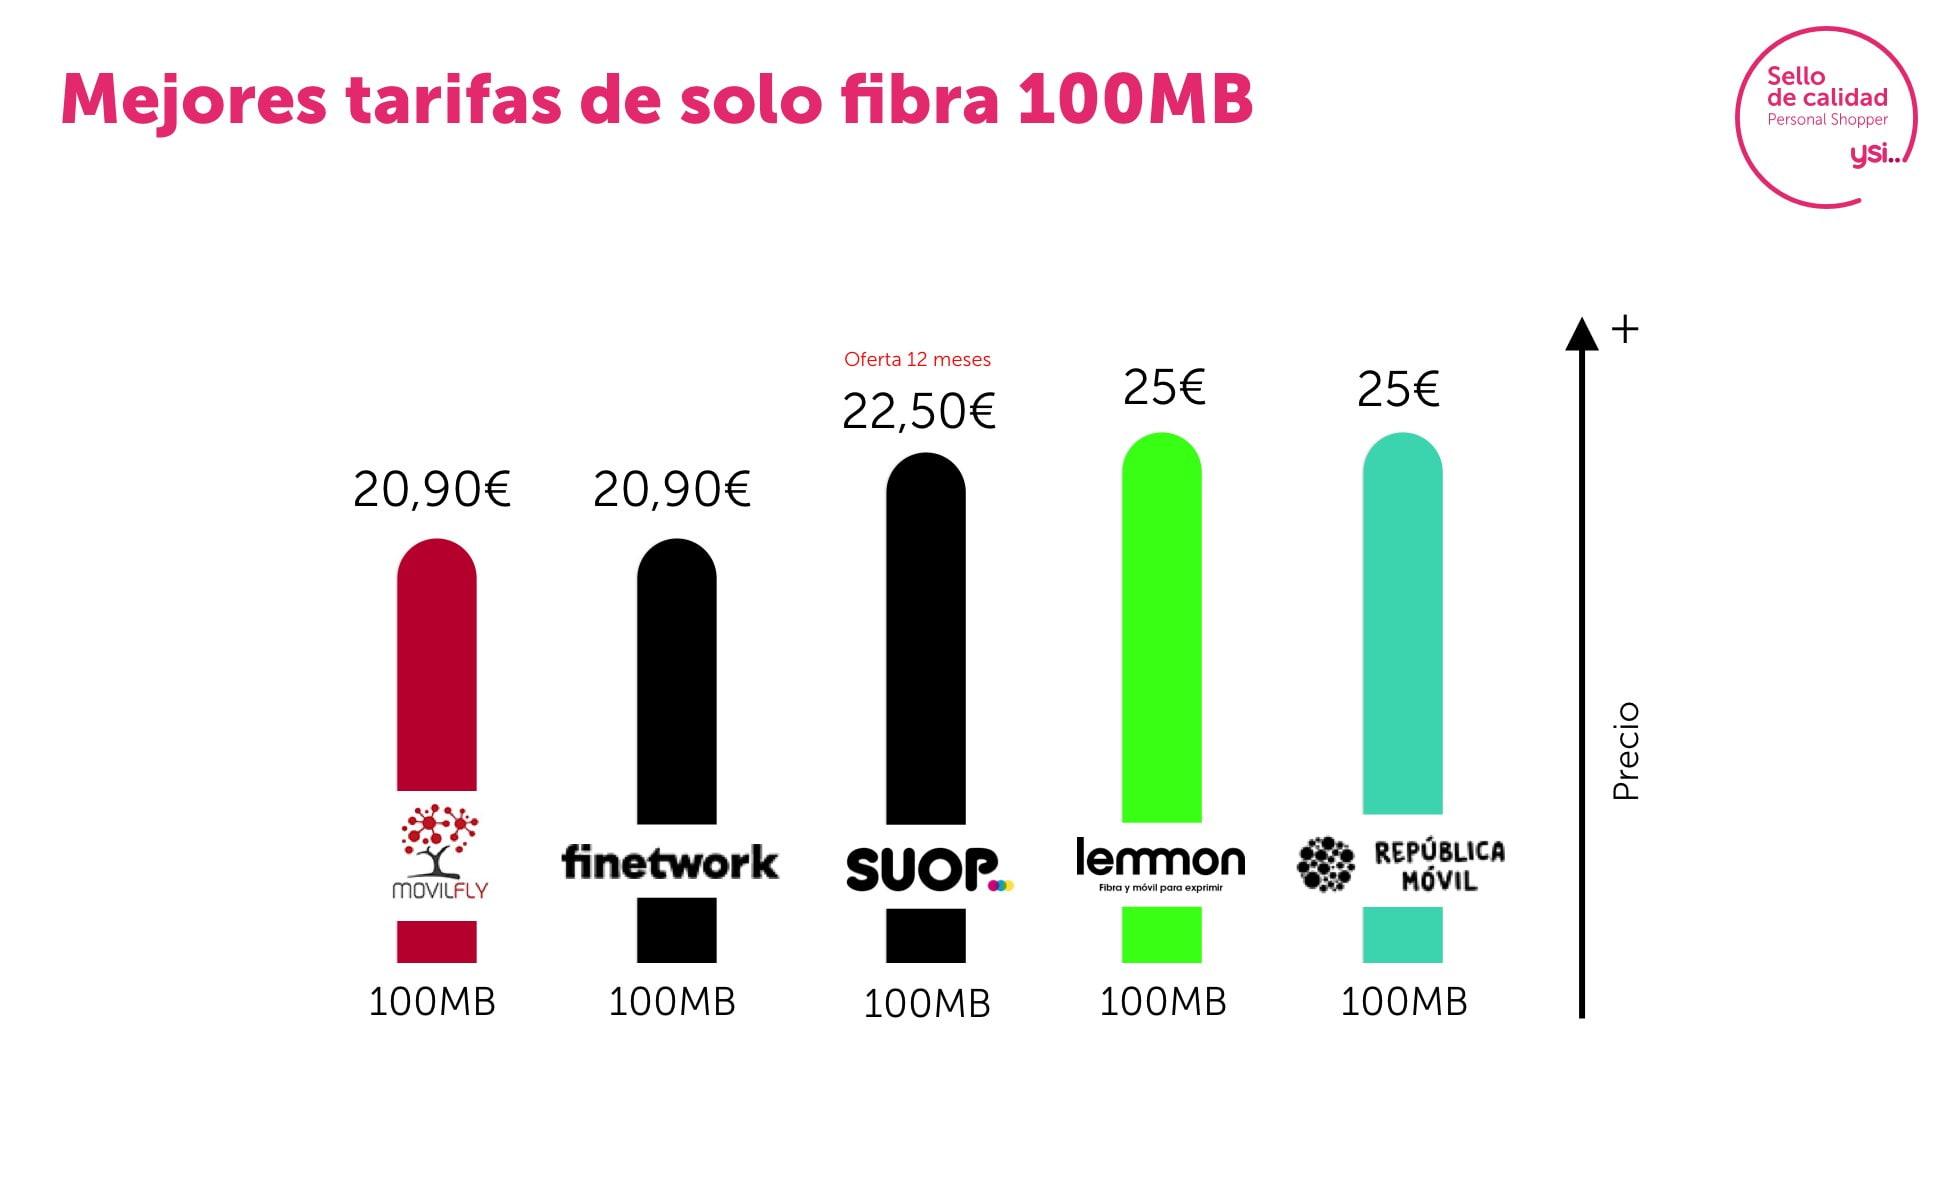 Mejores ofertas de fibra 100 Mb